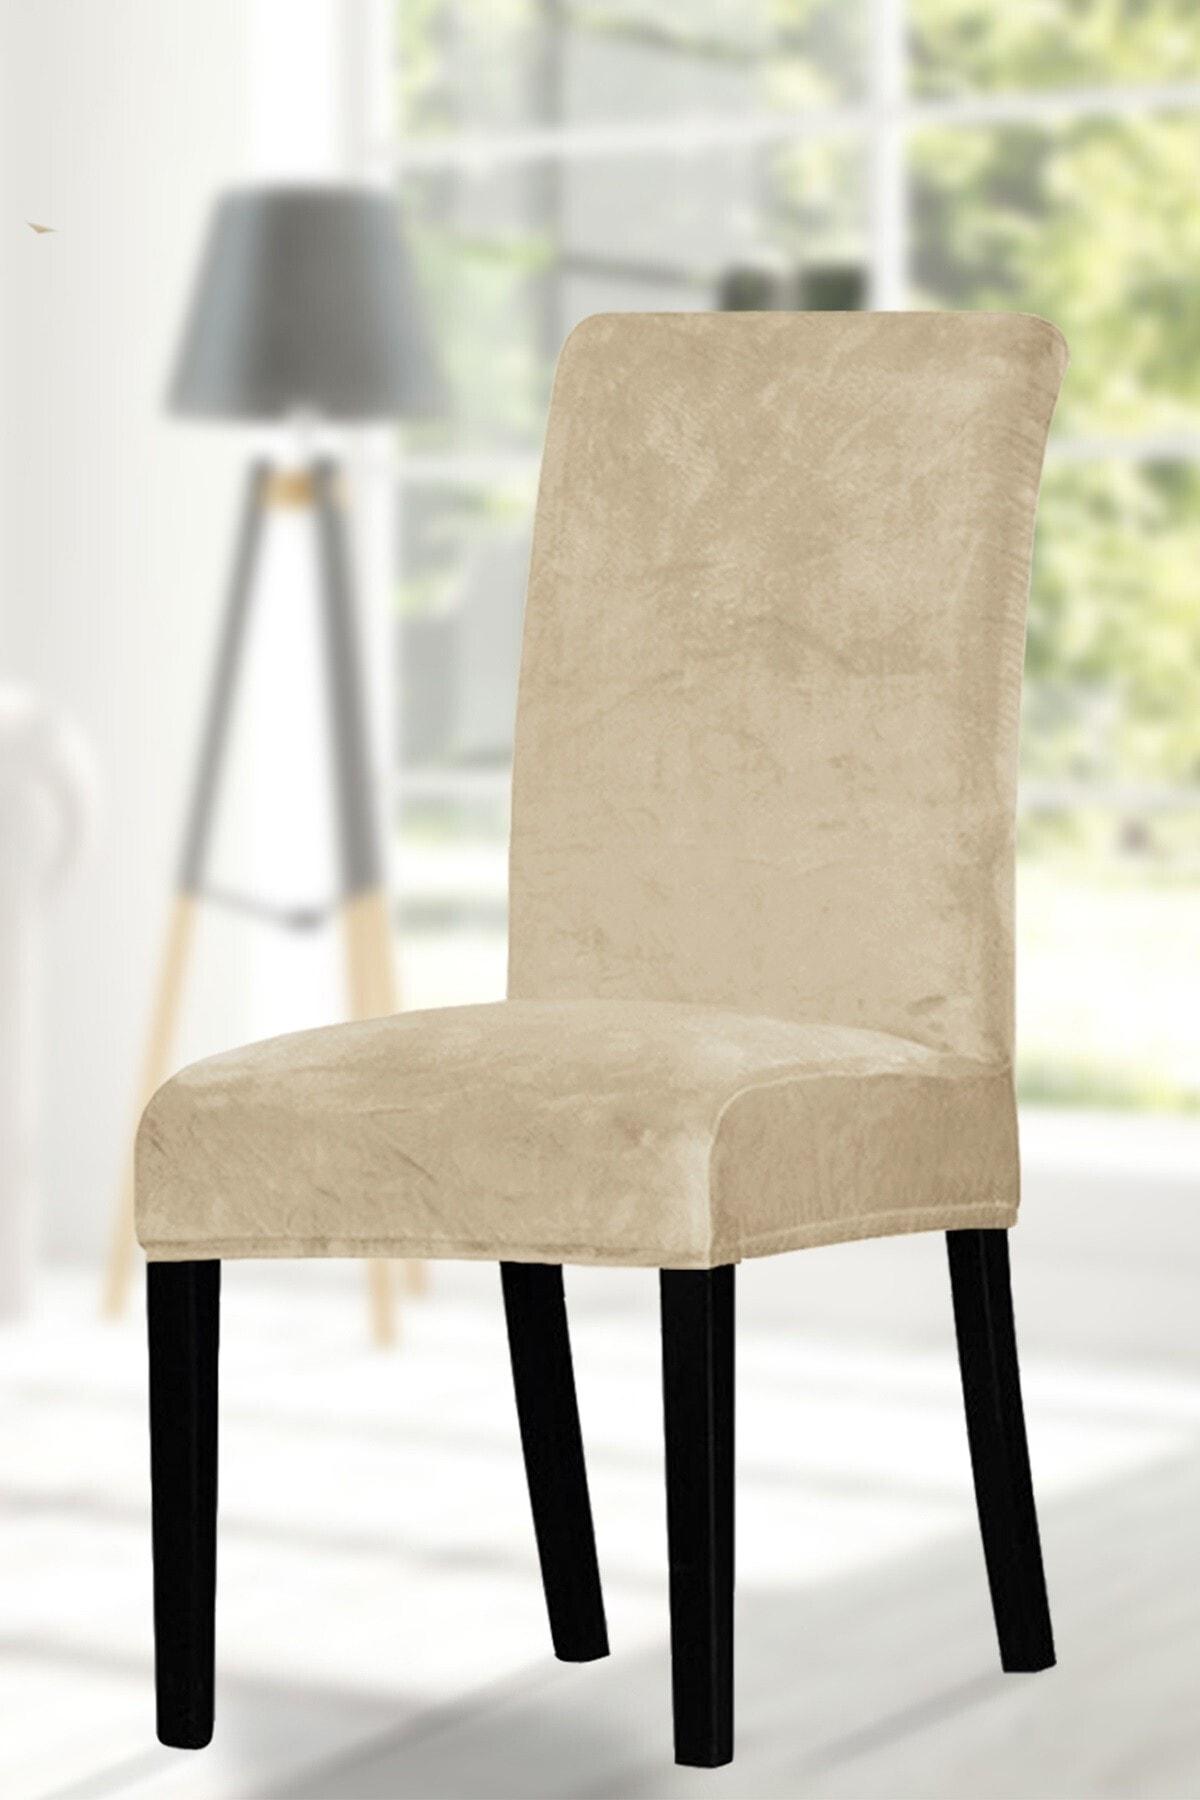 ihsantrade Sandalye Kılıfı. 6 Lı. Kaliteli Kadife Kumaş. Kenarları Lastikli En Boy Likralı Kılıf. Bej Rengi 1